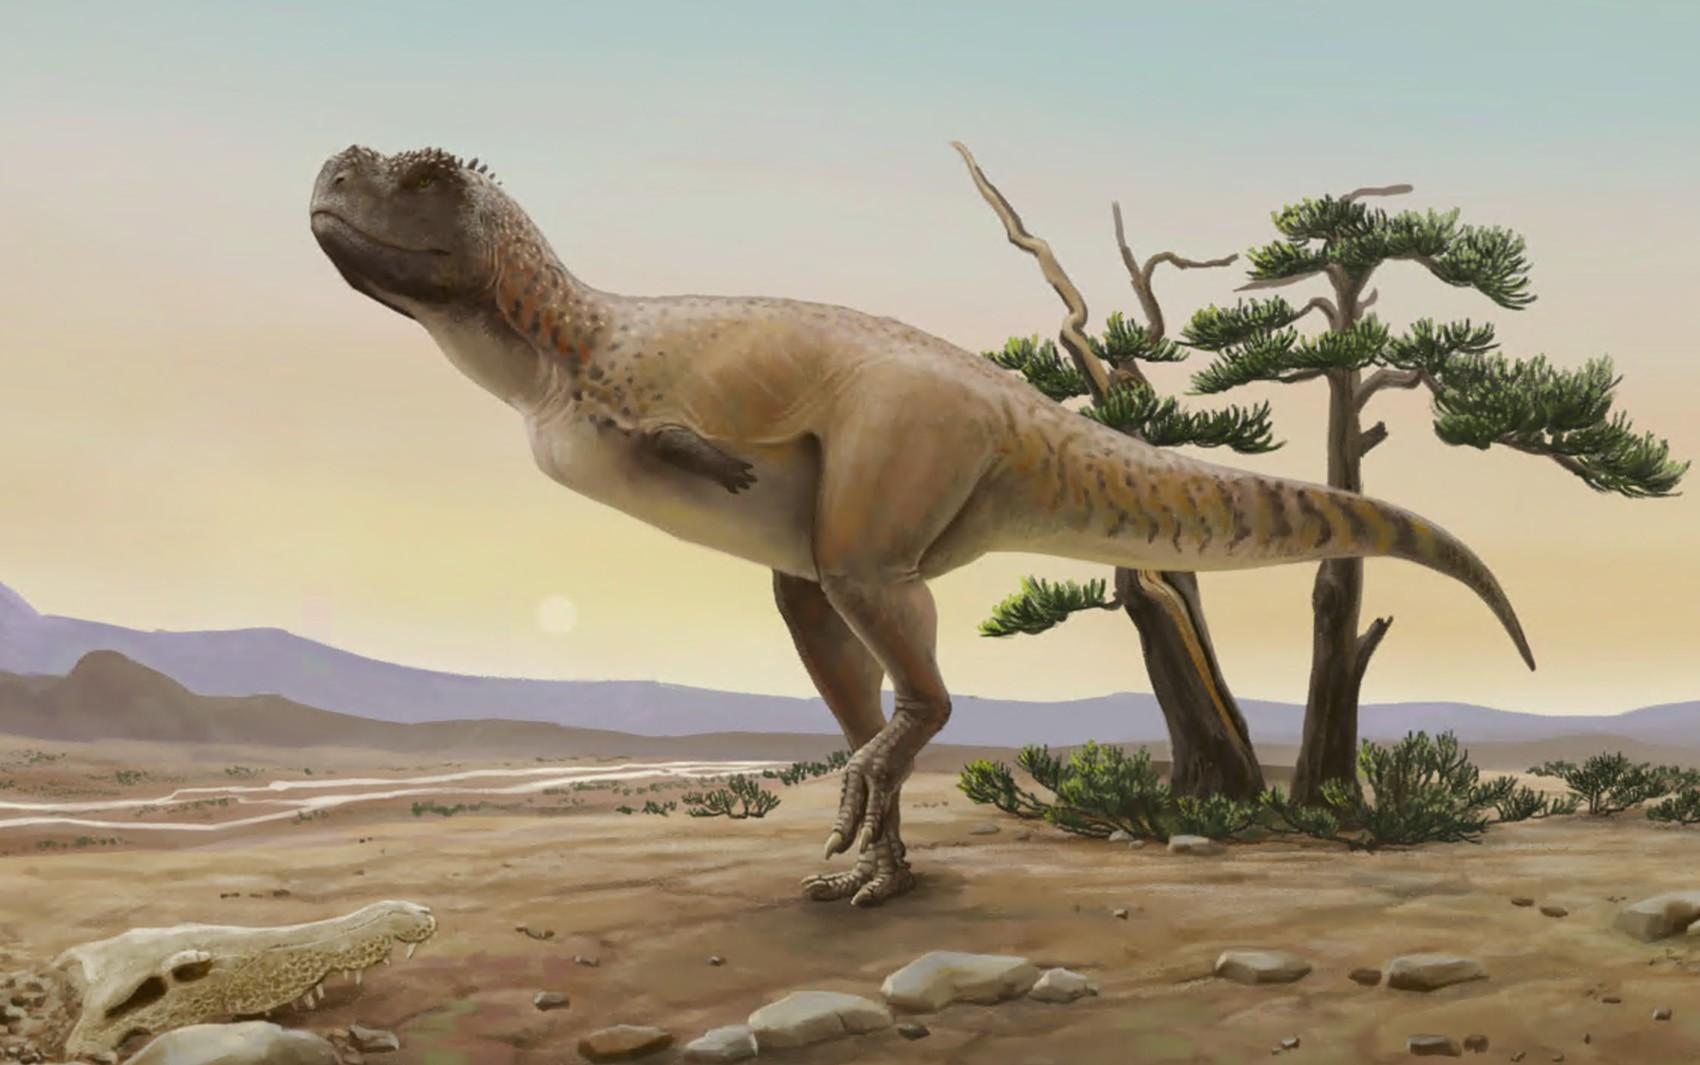 Pesquisadores apresentam fóssil inédito de dinossauro carnívoro que viveu em Monte Alto, SP, há 70 milhões de anos